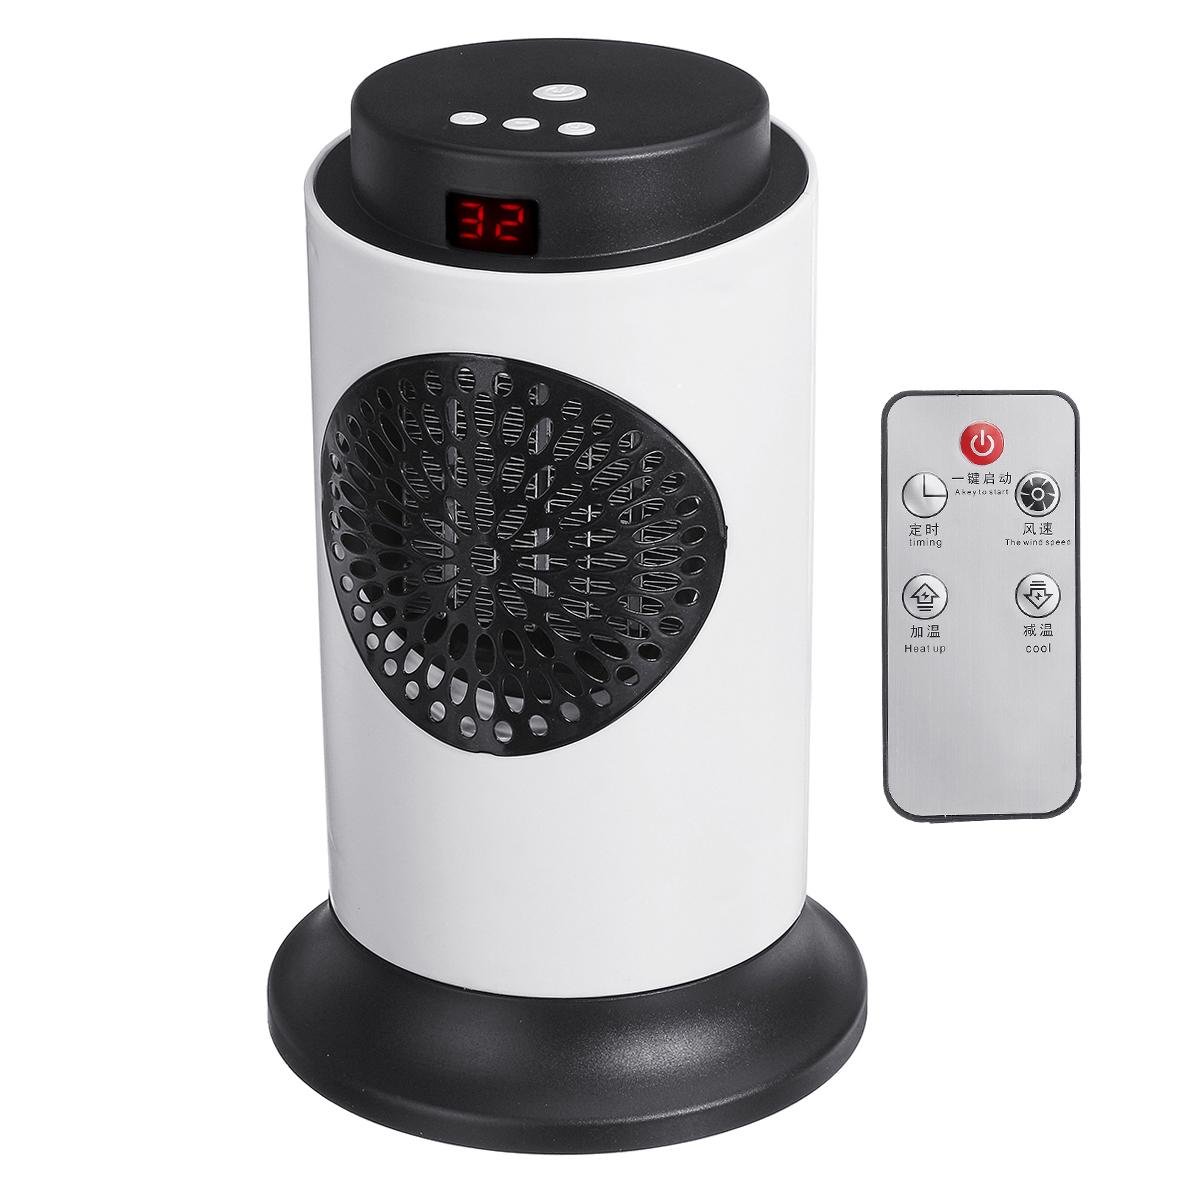 Вт 220 В Воздуха Нагреватель Вентилятор Электрический Нагреватель Воздуха Отопления Зима Теплее Устройство с Дистанционное Управление